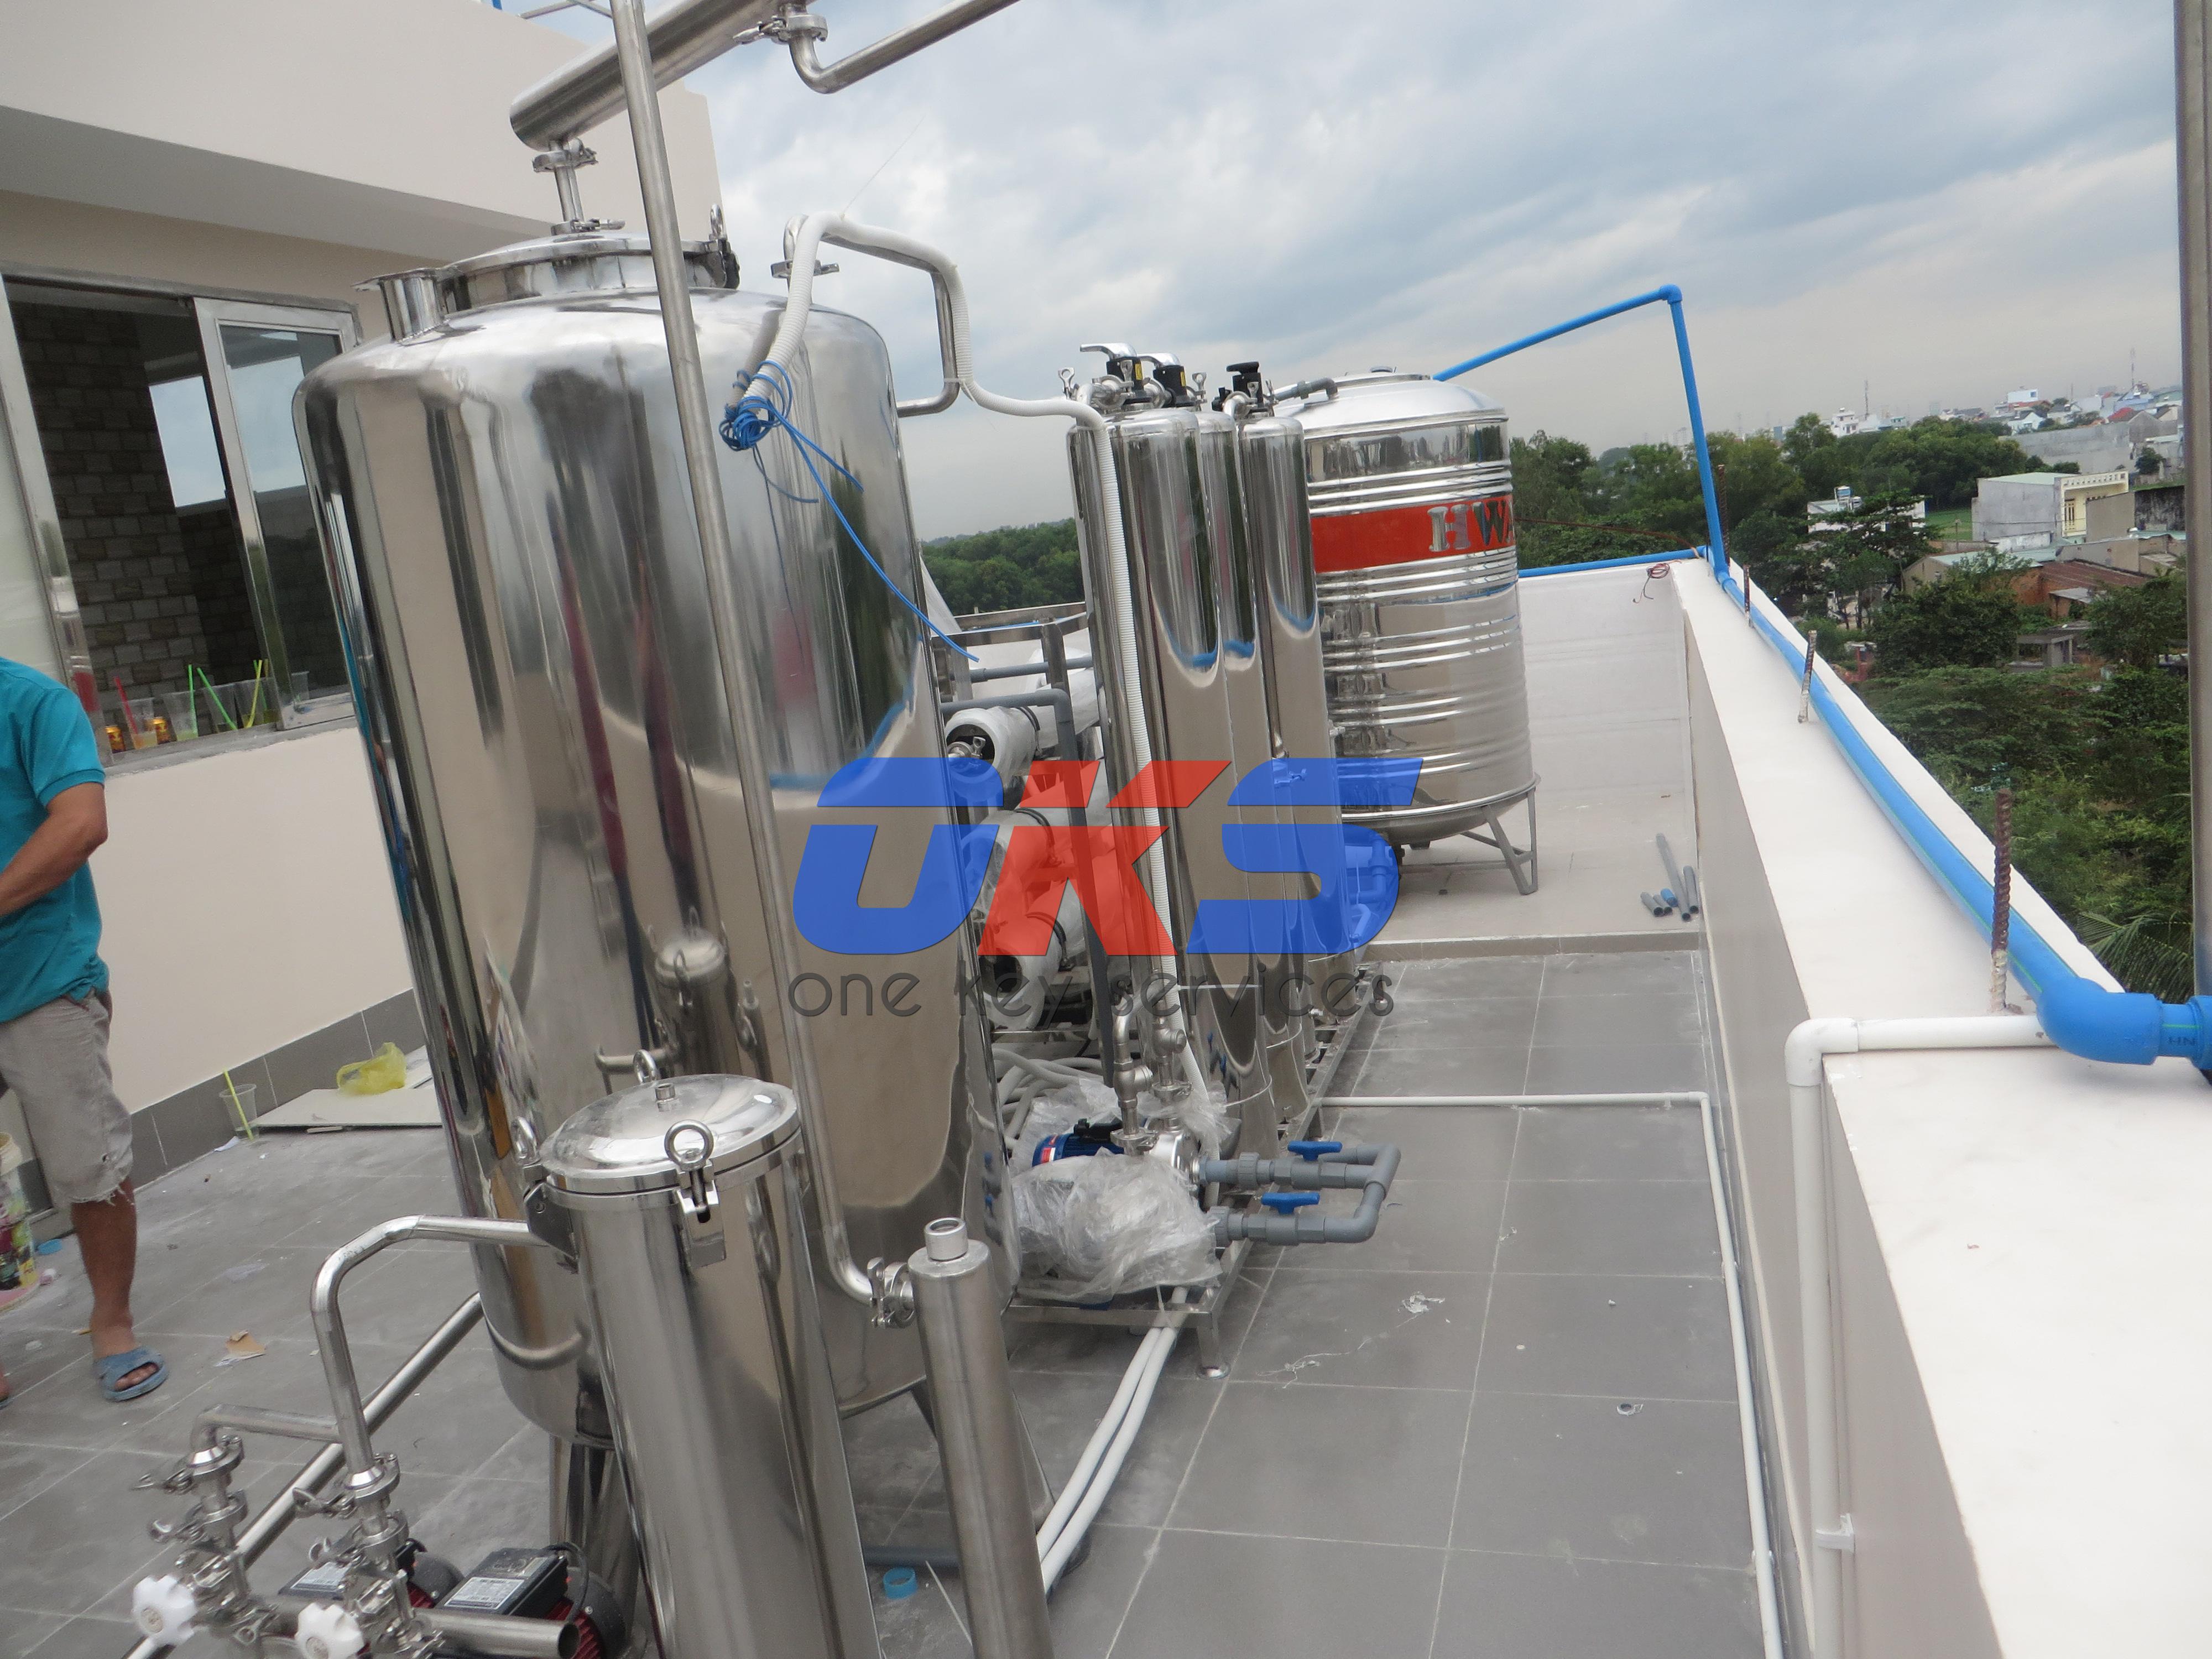 Thi công xây dựng xưởng sản xuất mỹ phẩm cGMP-ASEAN